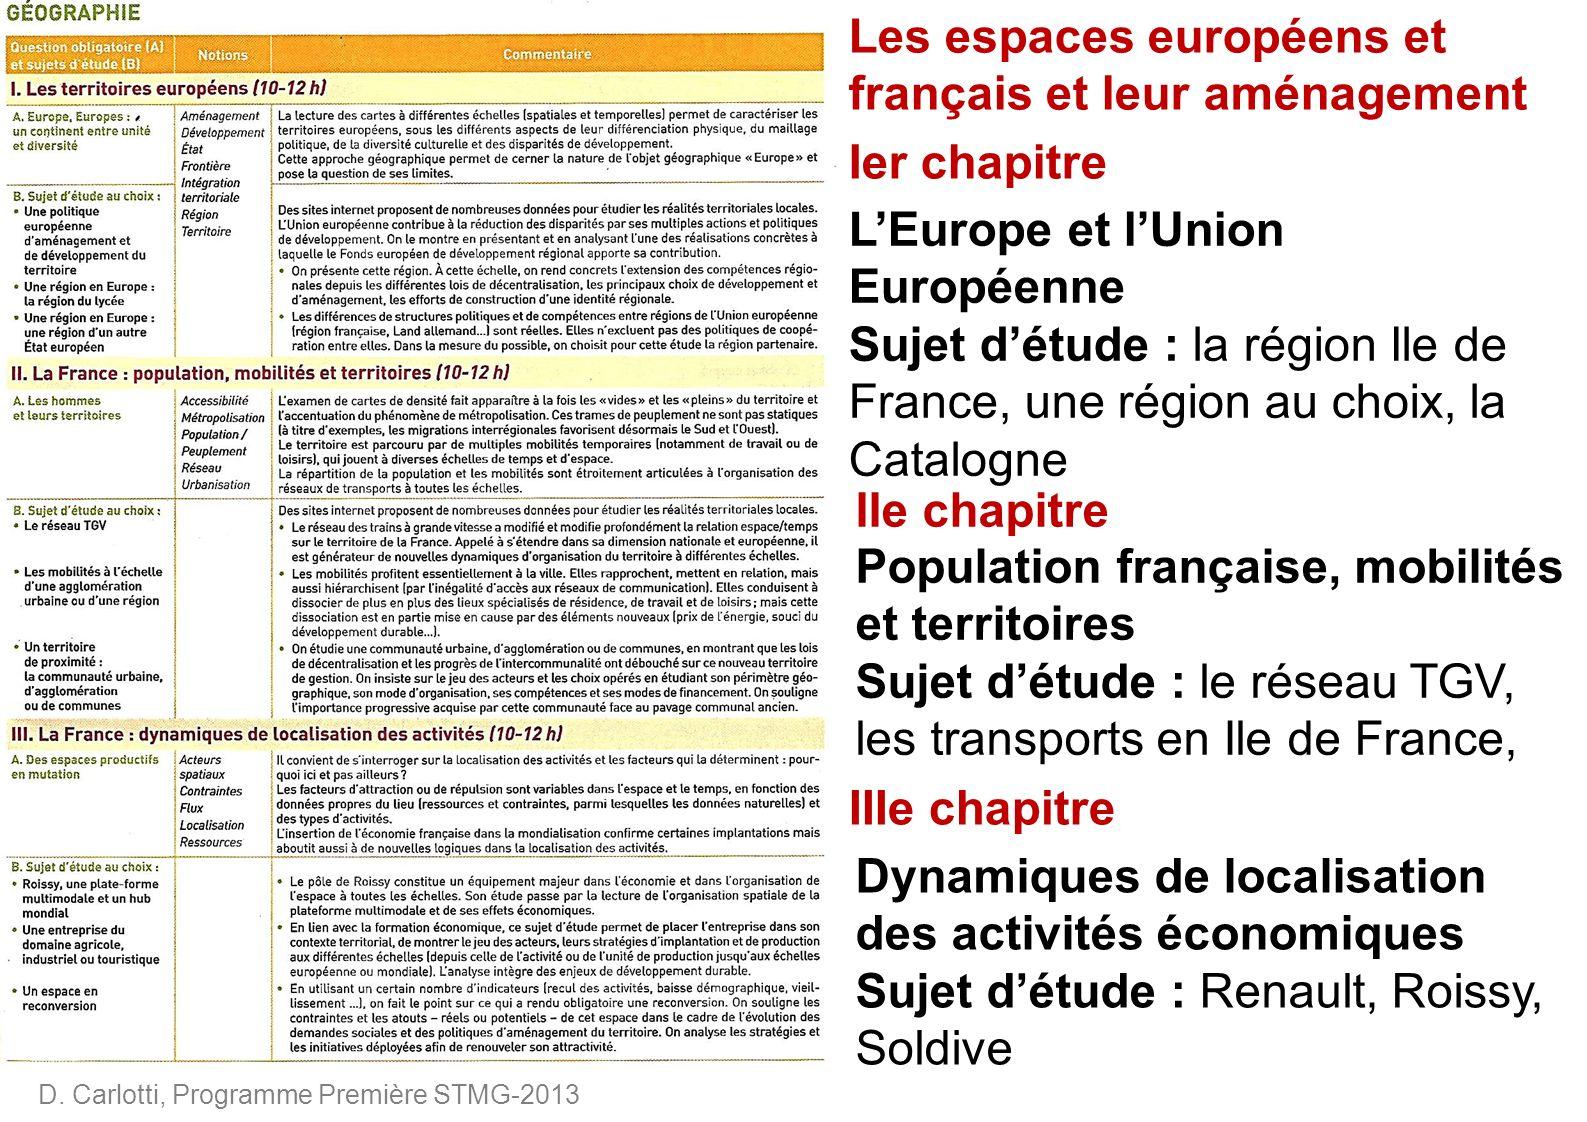 D. Carlotti, Programme Première STMG-2013 Les espaces européens et français et leur aménagement Ier chapitre IIIe chapitre IIe chapitre LEurope et lUn